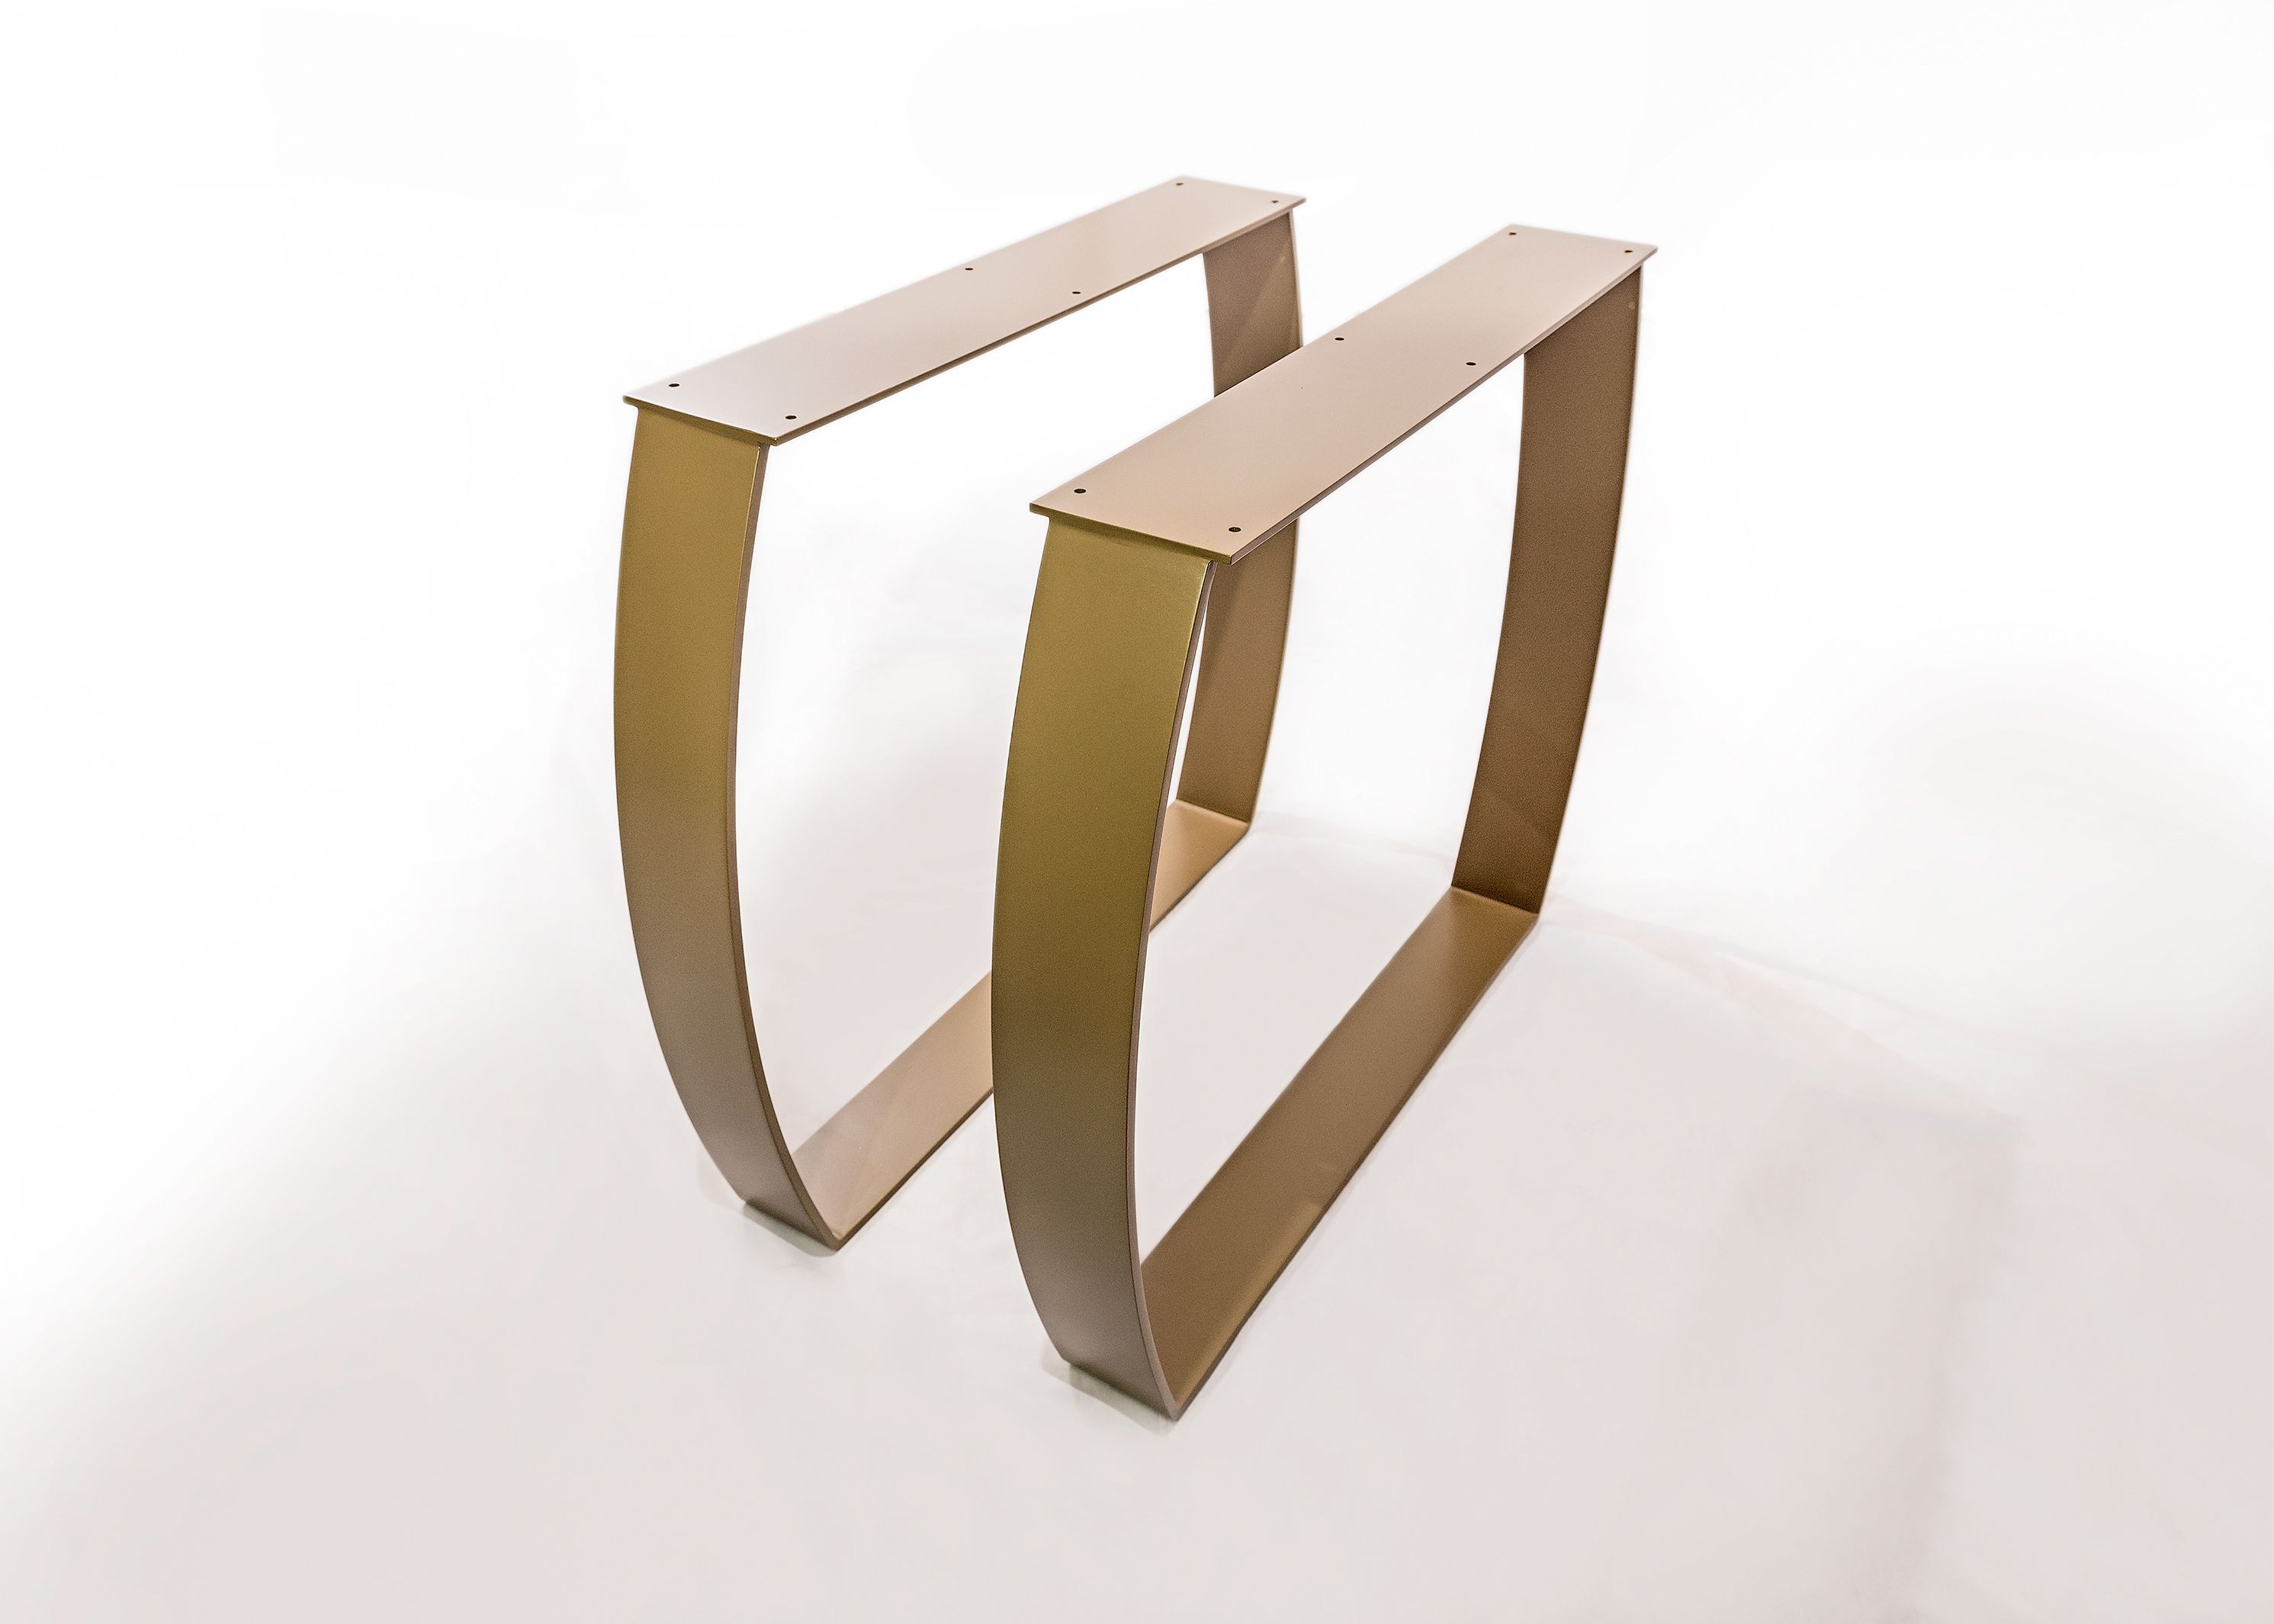 Gambe di legno per tavoli | Pattinatorisambenedettesi